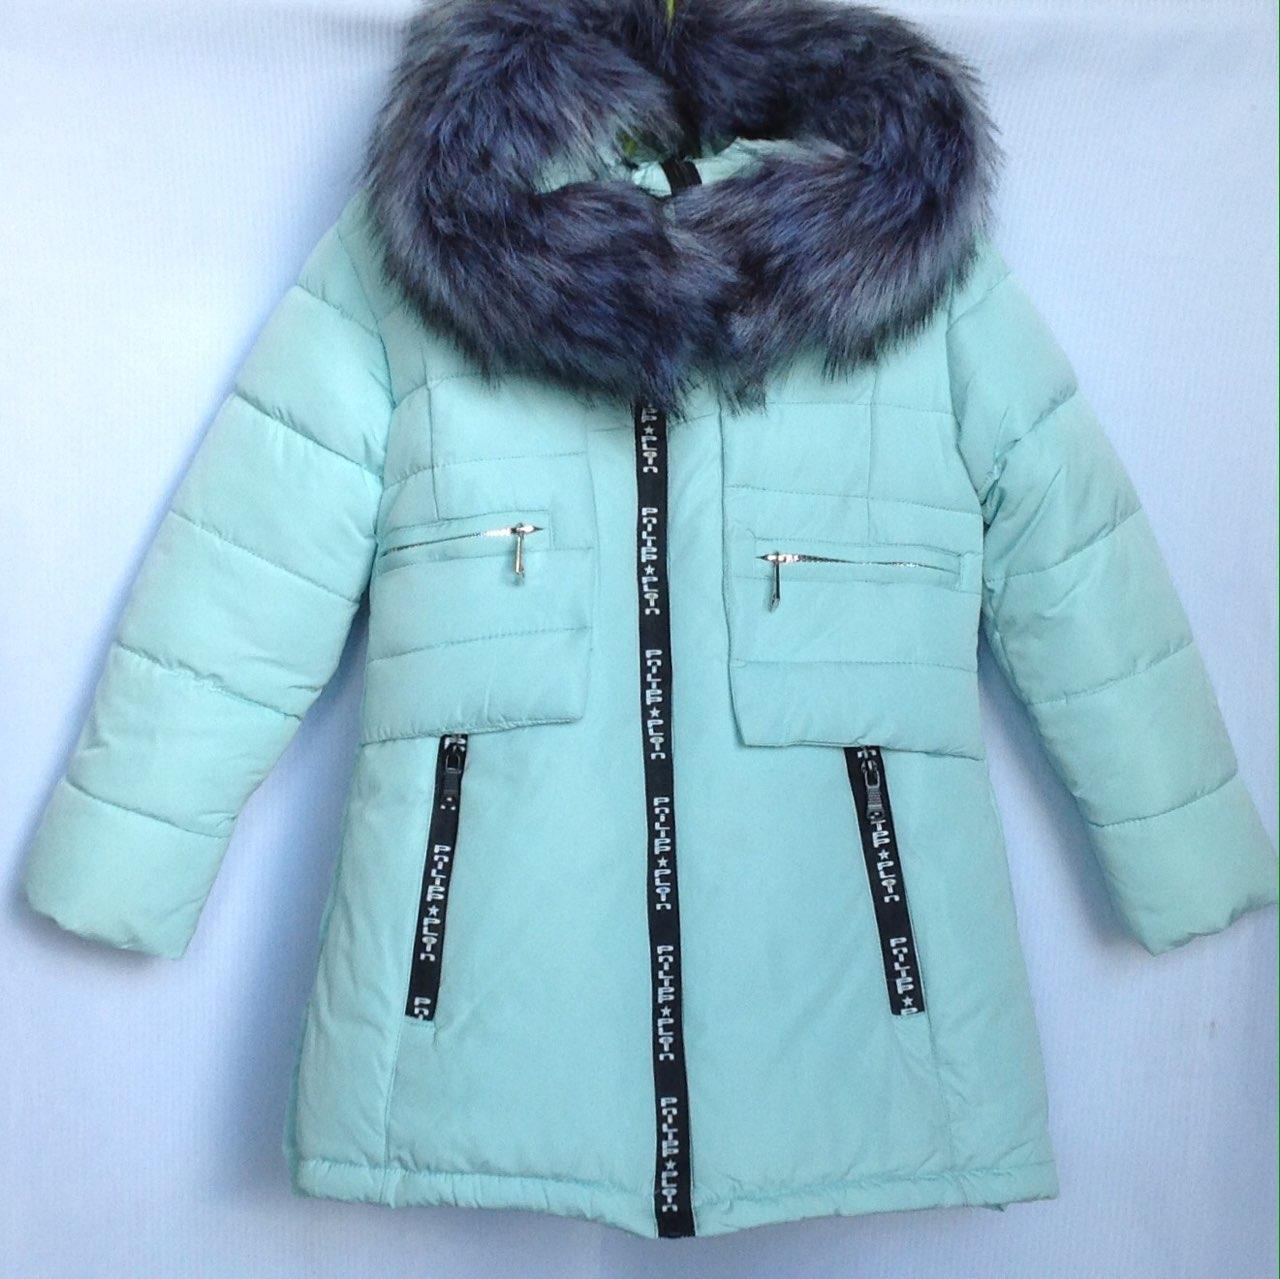 Куртка детская зимняя MaliM #1735 для девочек. 116-140 см (6-10 лет).Мятная. Оптом.